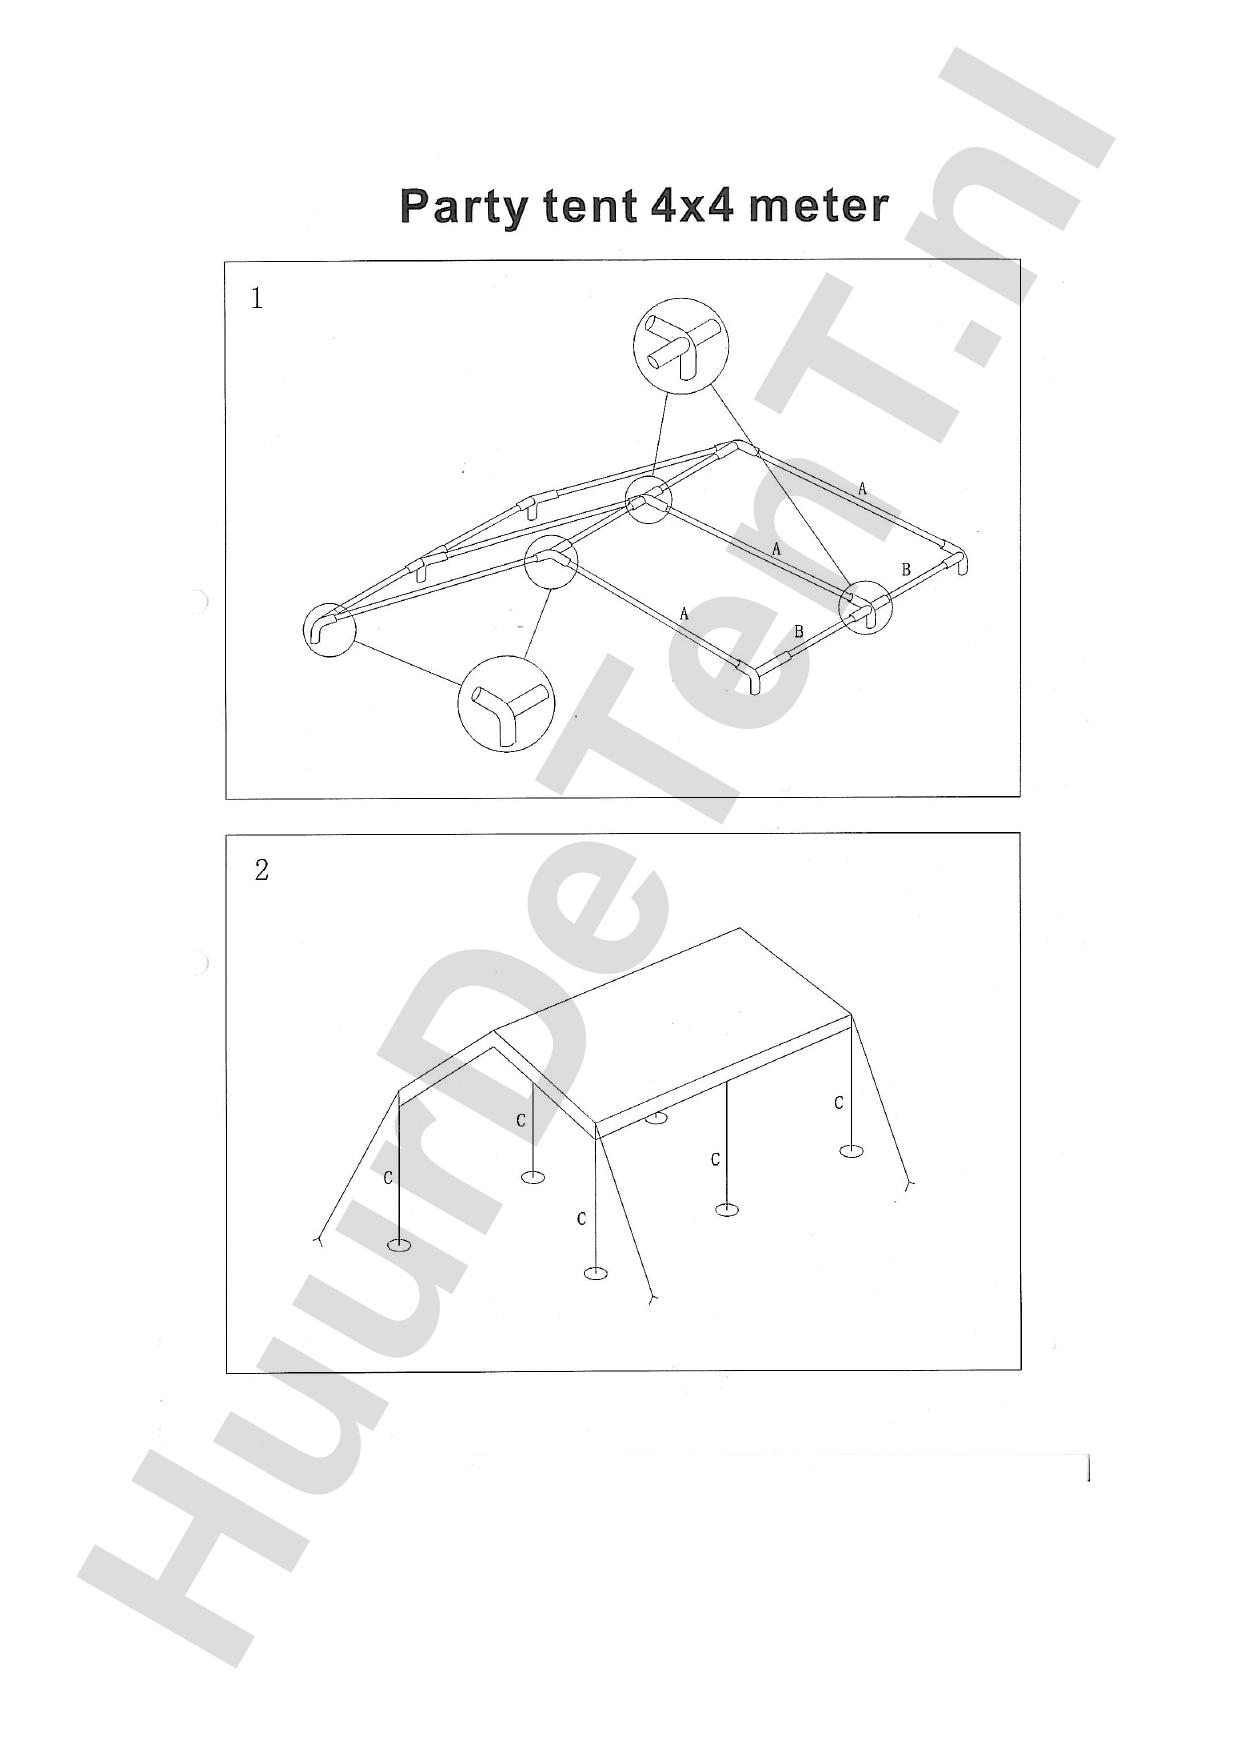 Zelfbouw instructies 4x4 Partytent - Huurdetent.nl